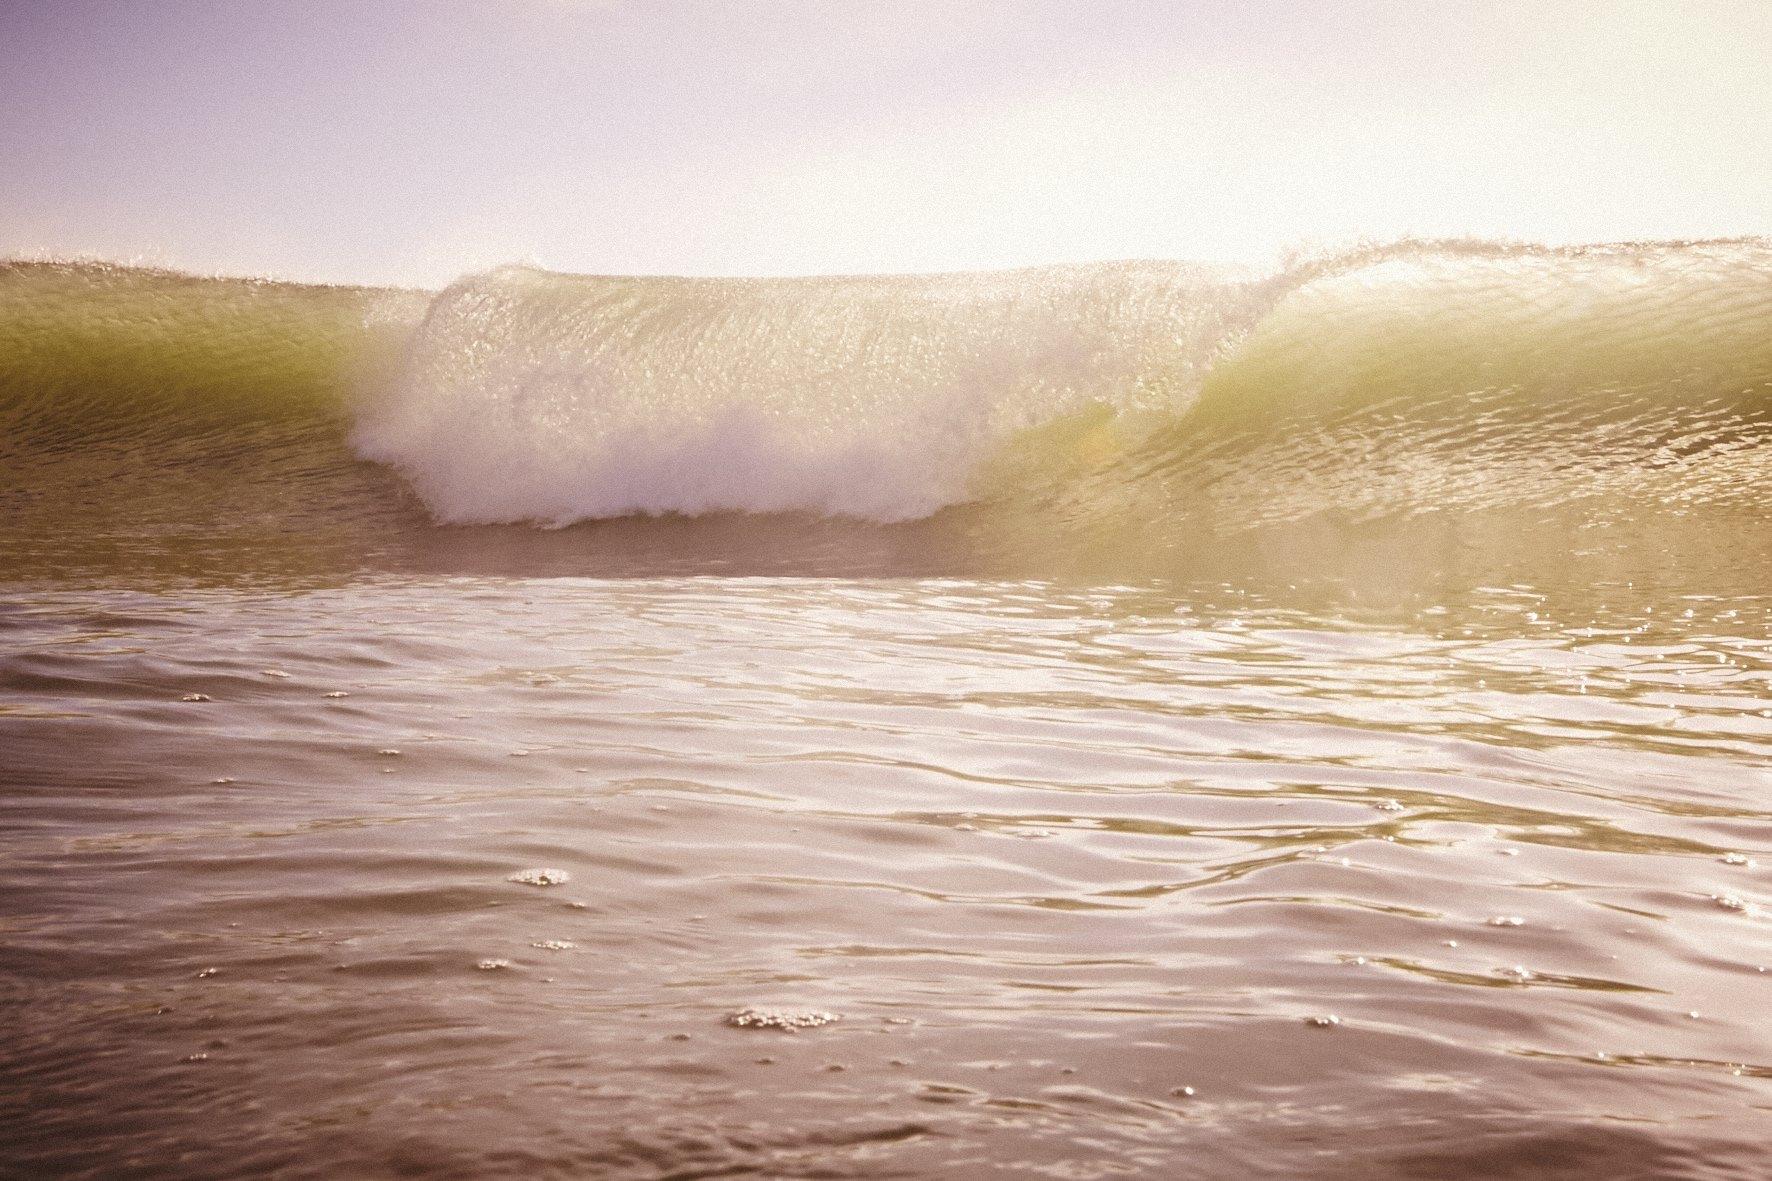 SriLan_Surf14_719